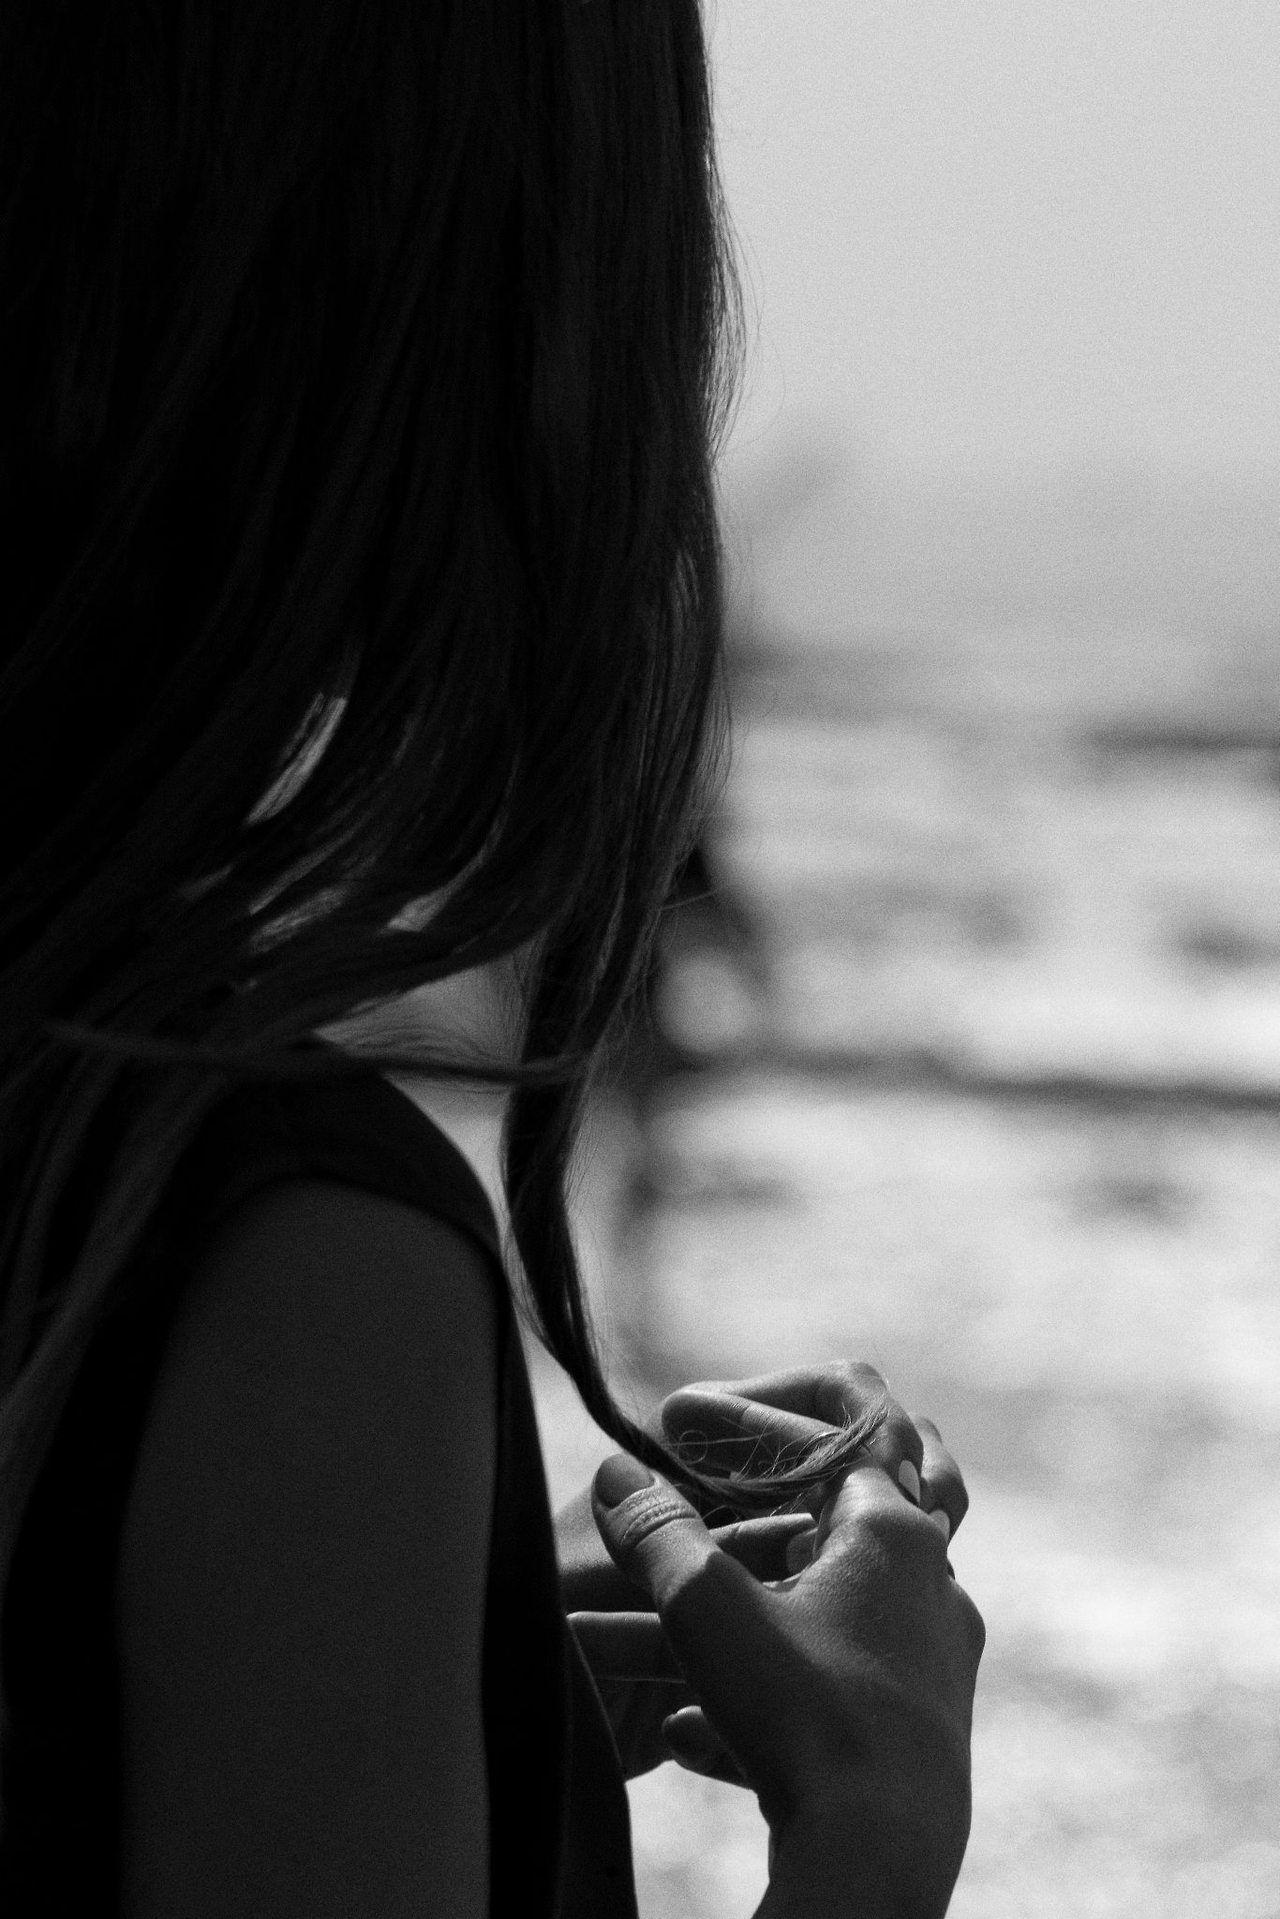 Каждый человек приносит успокоение... Кто-то - приходя.... кто-то - уходя..... | Black and white girl, Photography, Black and white